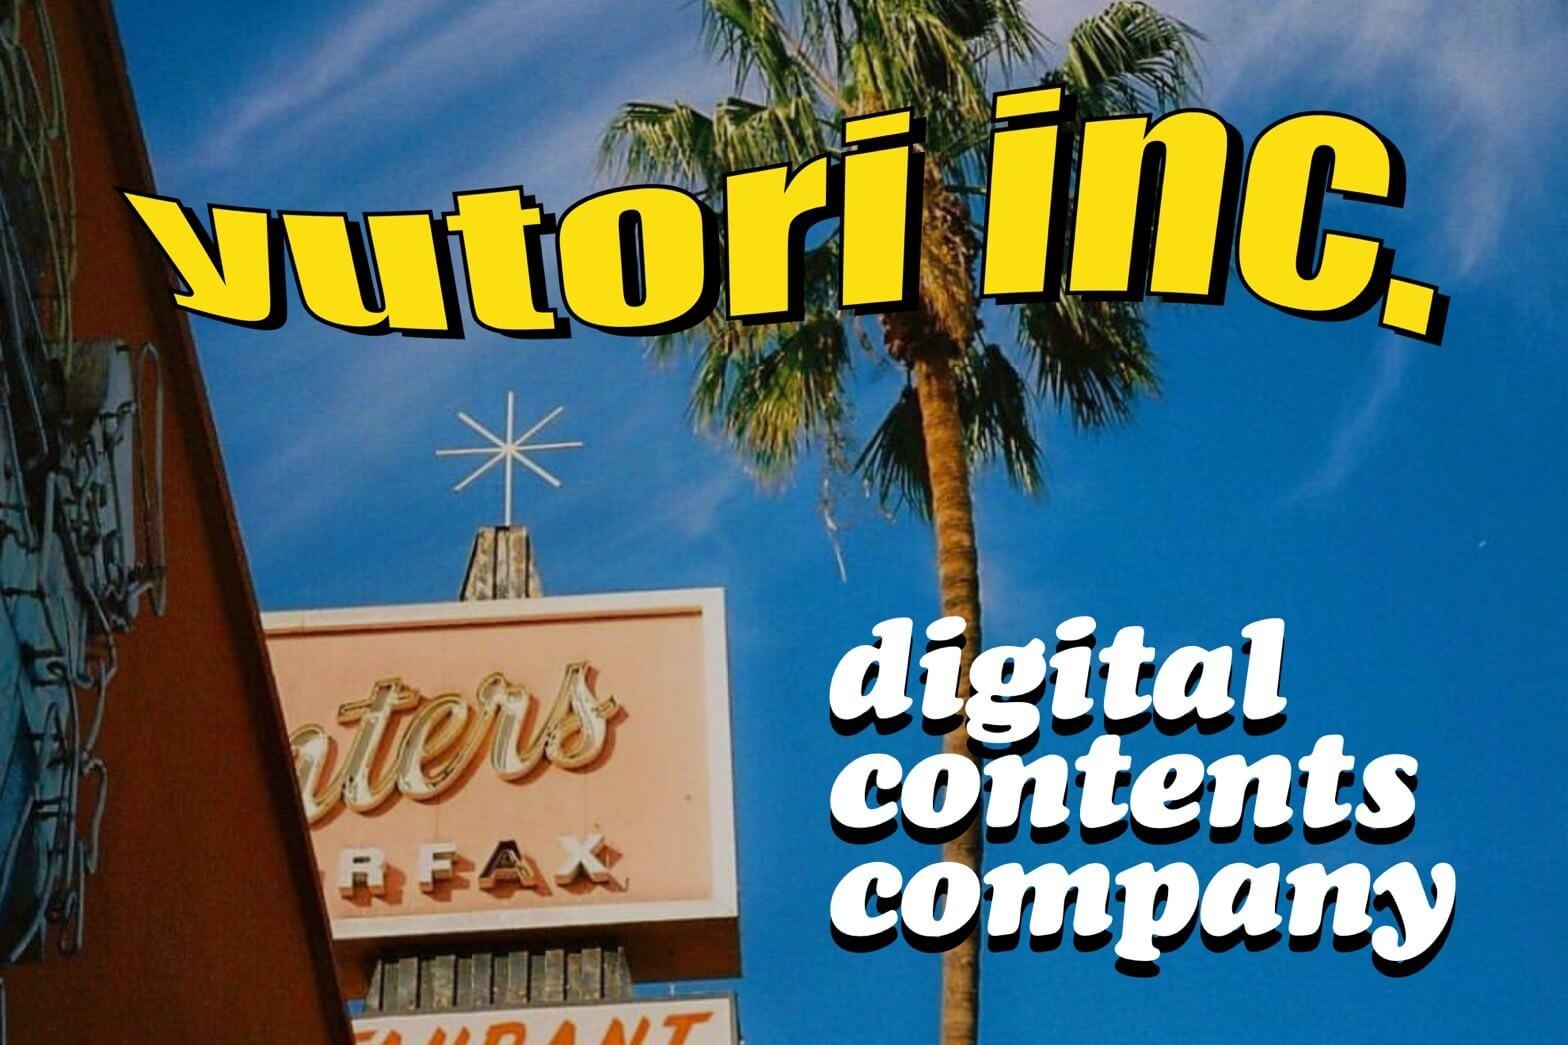 新規D2Cブランドのクリエイティブを担う商品企画・デザイン作成メンバー募集のカバー写真